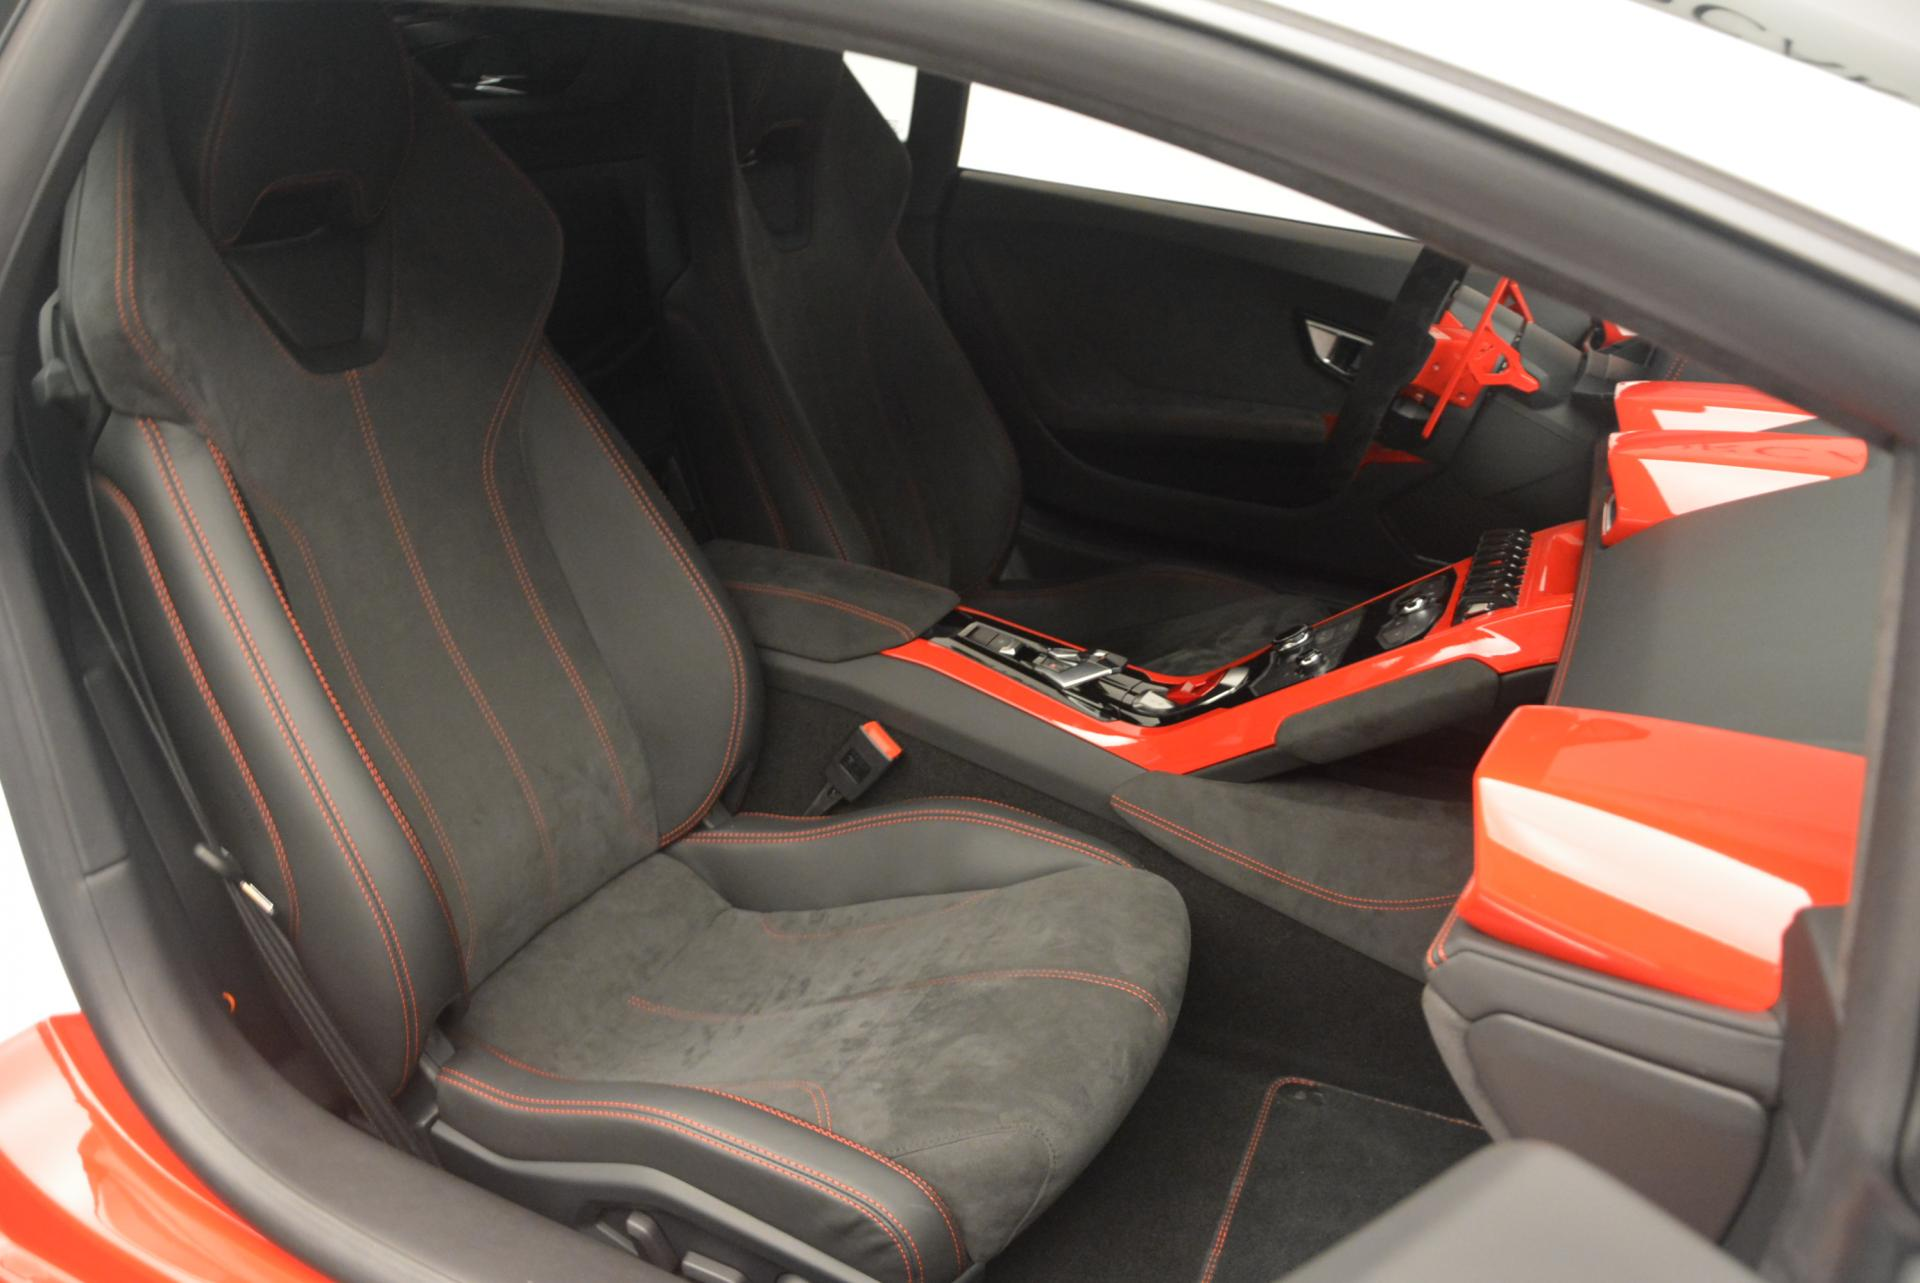 Used 2015 Lamborghini Huracan LP610-4 For Sale In Westport, CT 114_p18